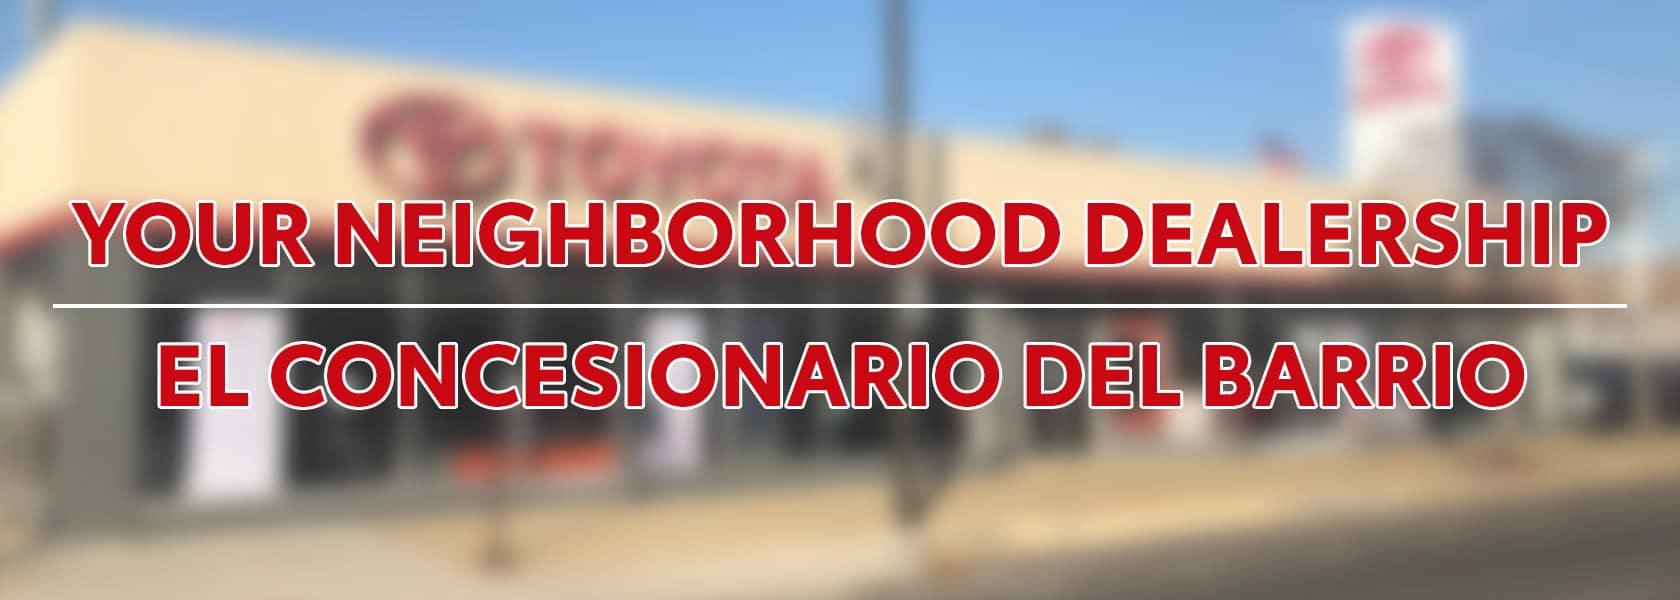 Your Neighborhood Dealer = El Concesionario Del Barrio